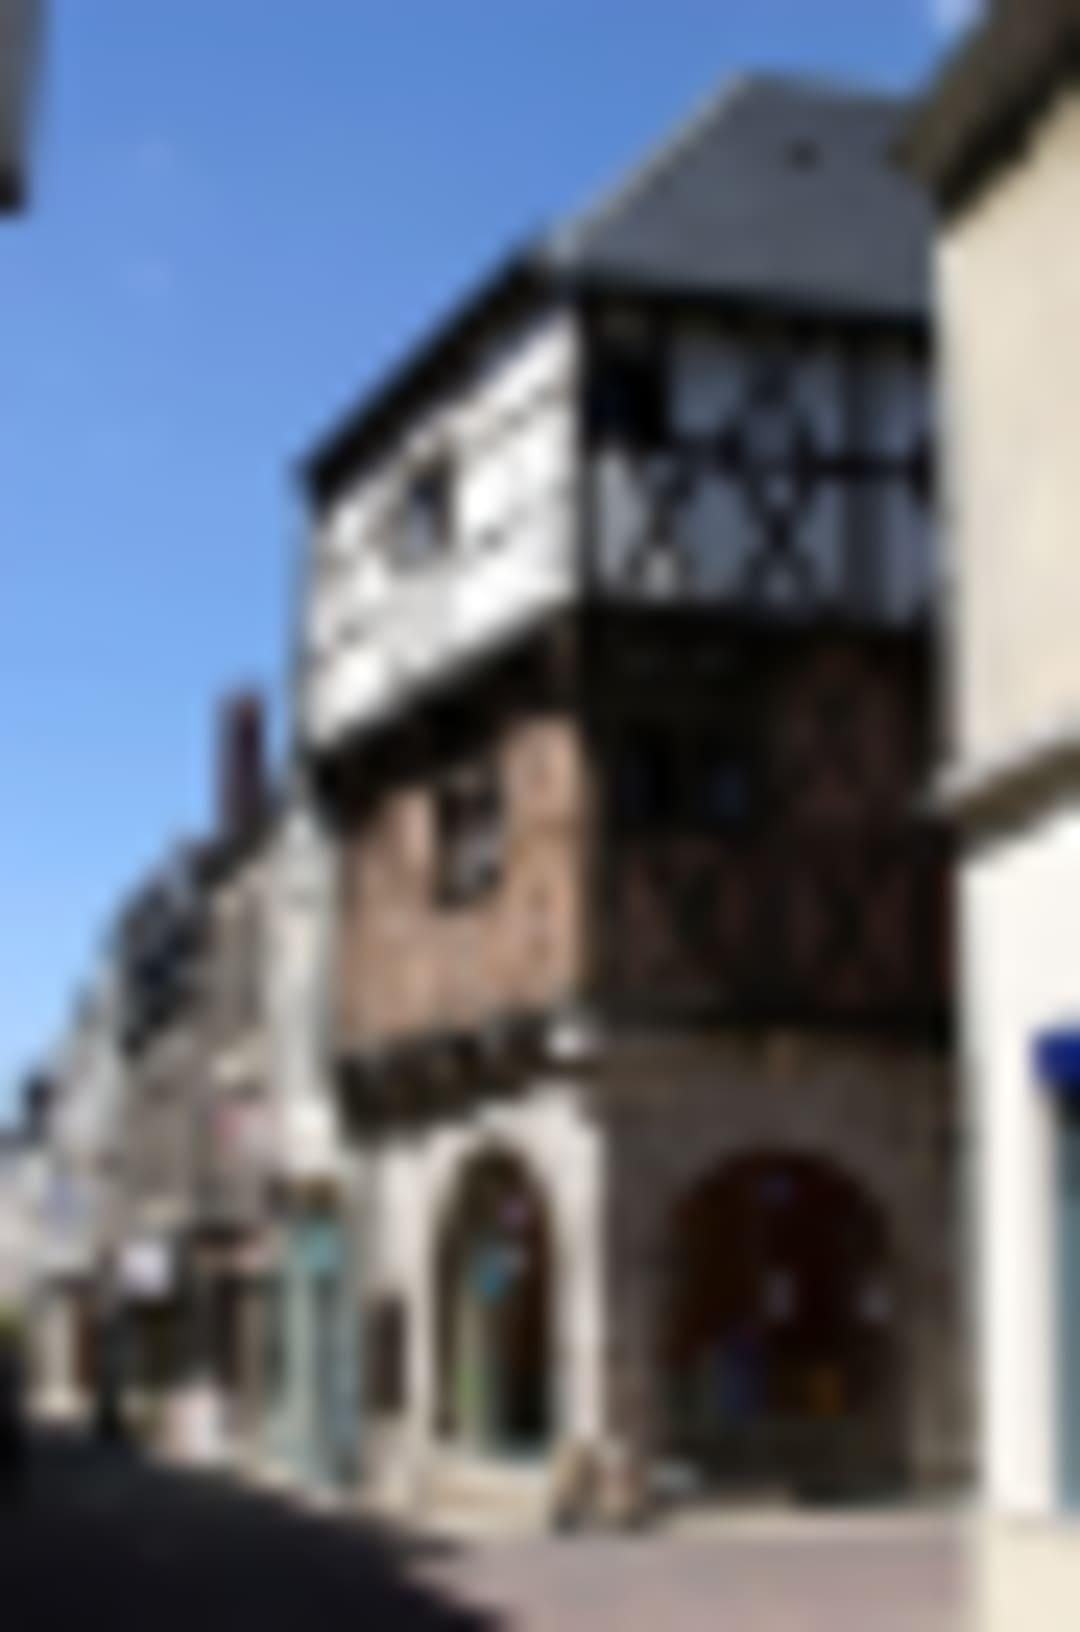 Auberge de jeunesse Hi Vierzon - Vierzon - France